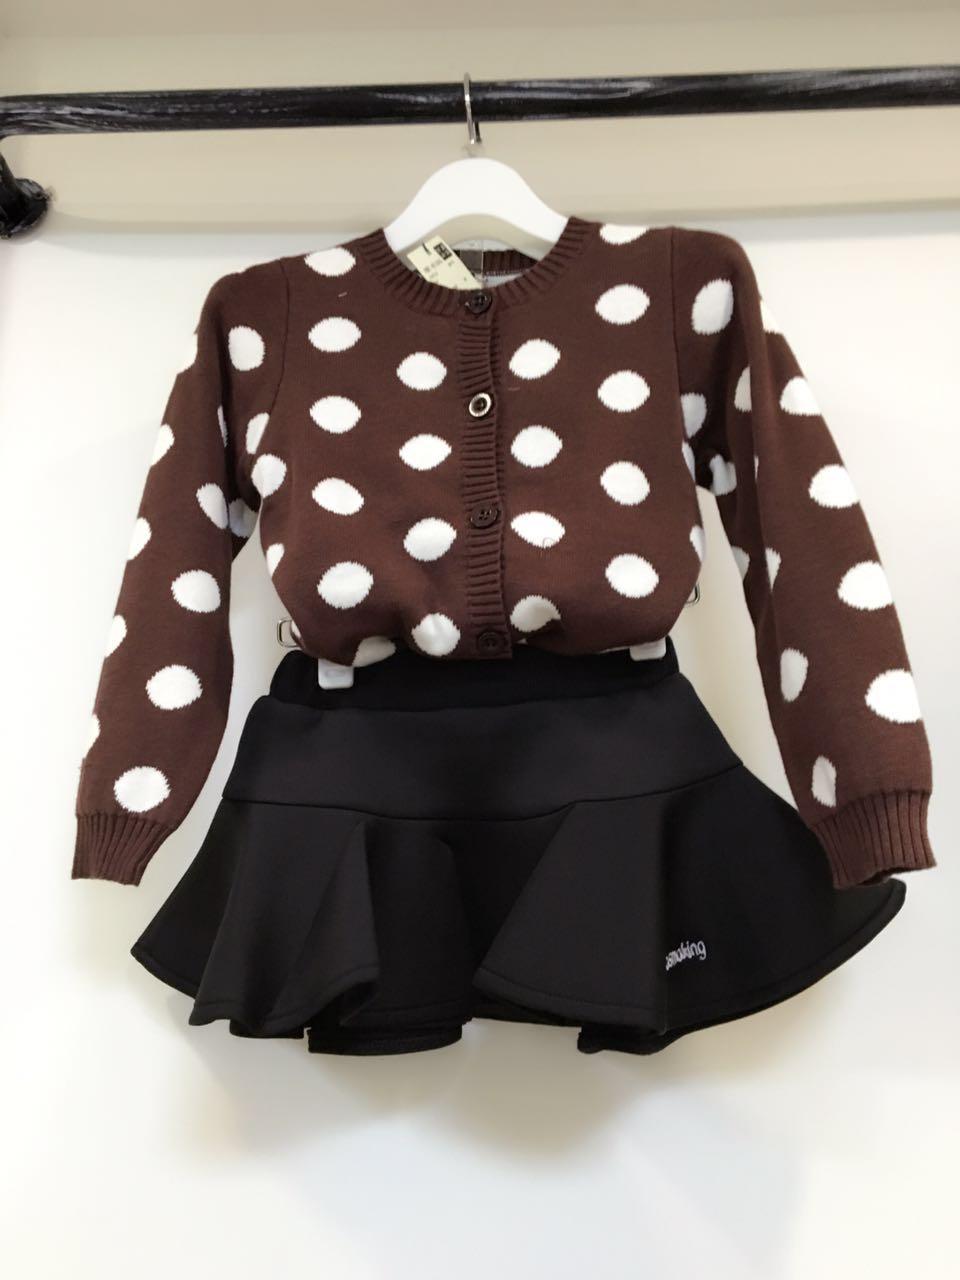 爸爸做的衣服 韩版童装大衣外套 品牌折扣店货源库存清仓批